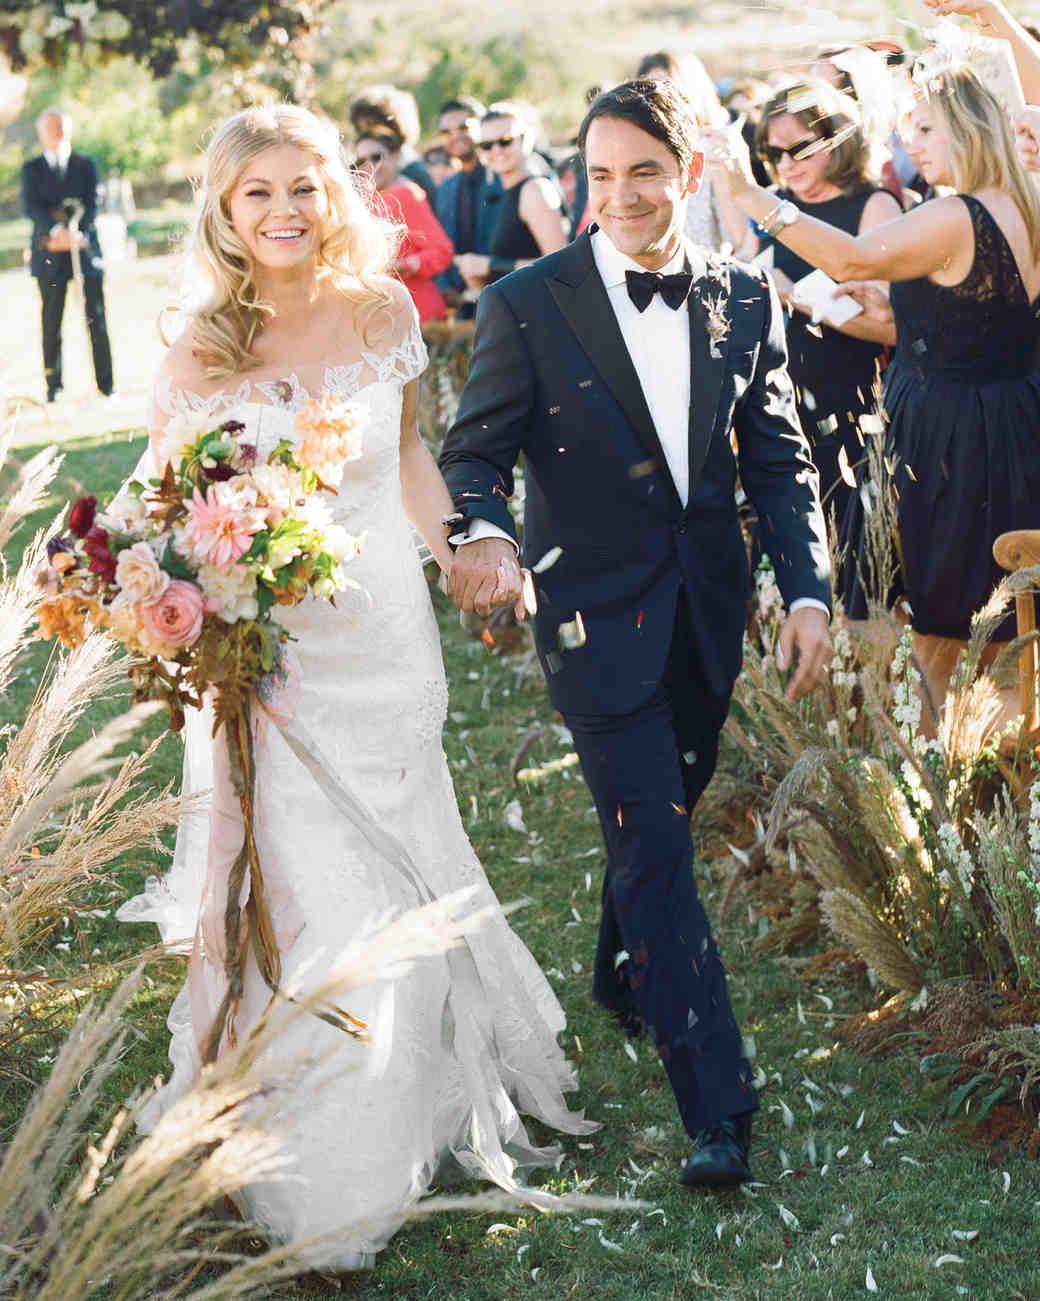 amanda-marty-wedding-marfa-texas-1842-s112329.jpg